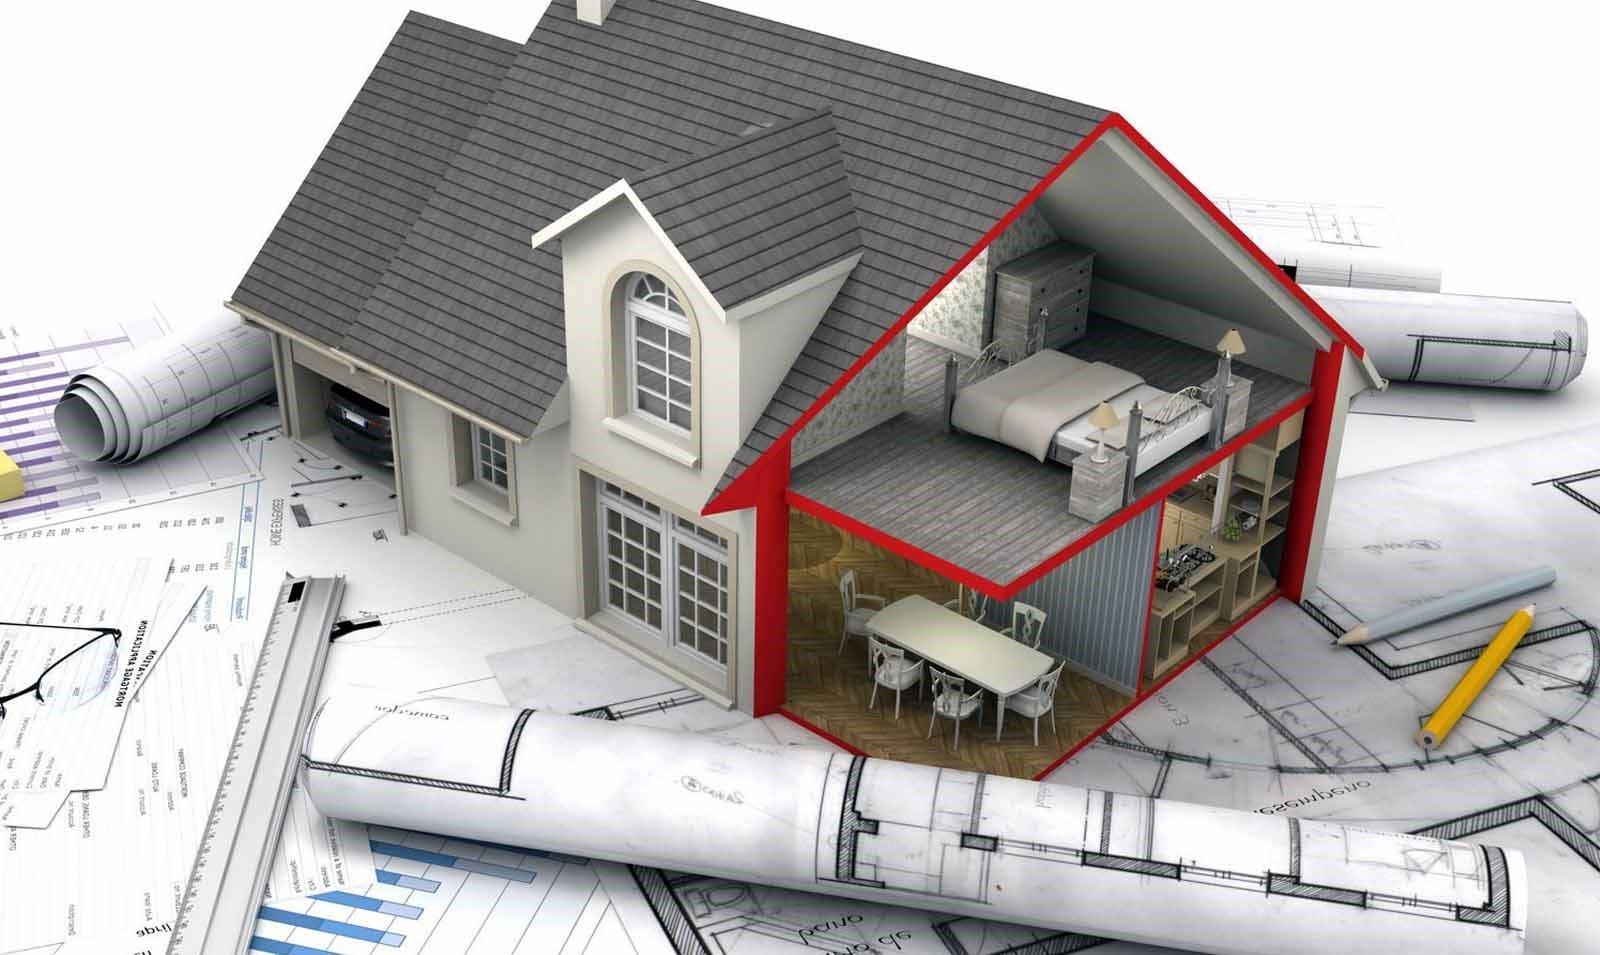 Обманывая при строительстве, могут показать чужие проекты домов